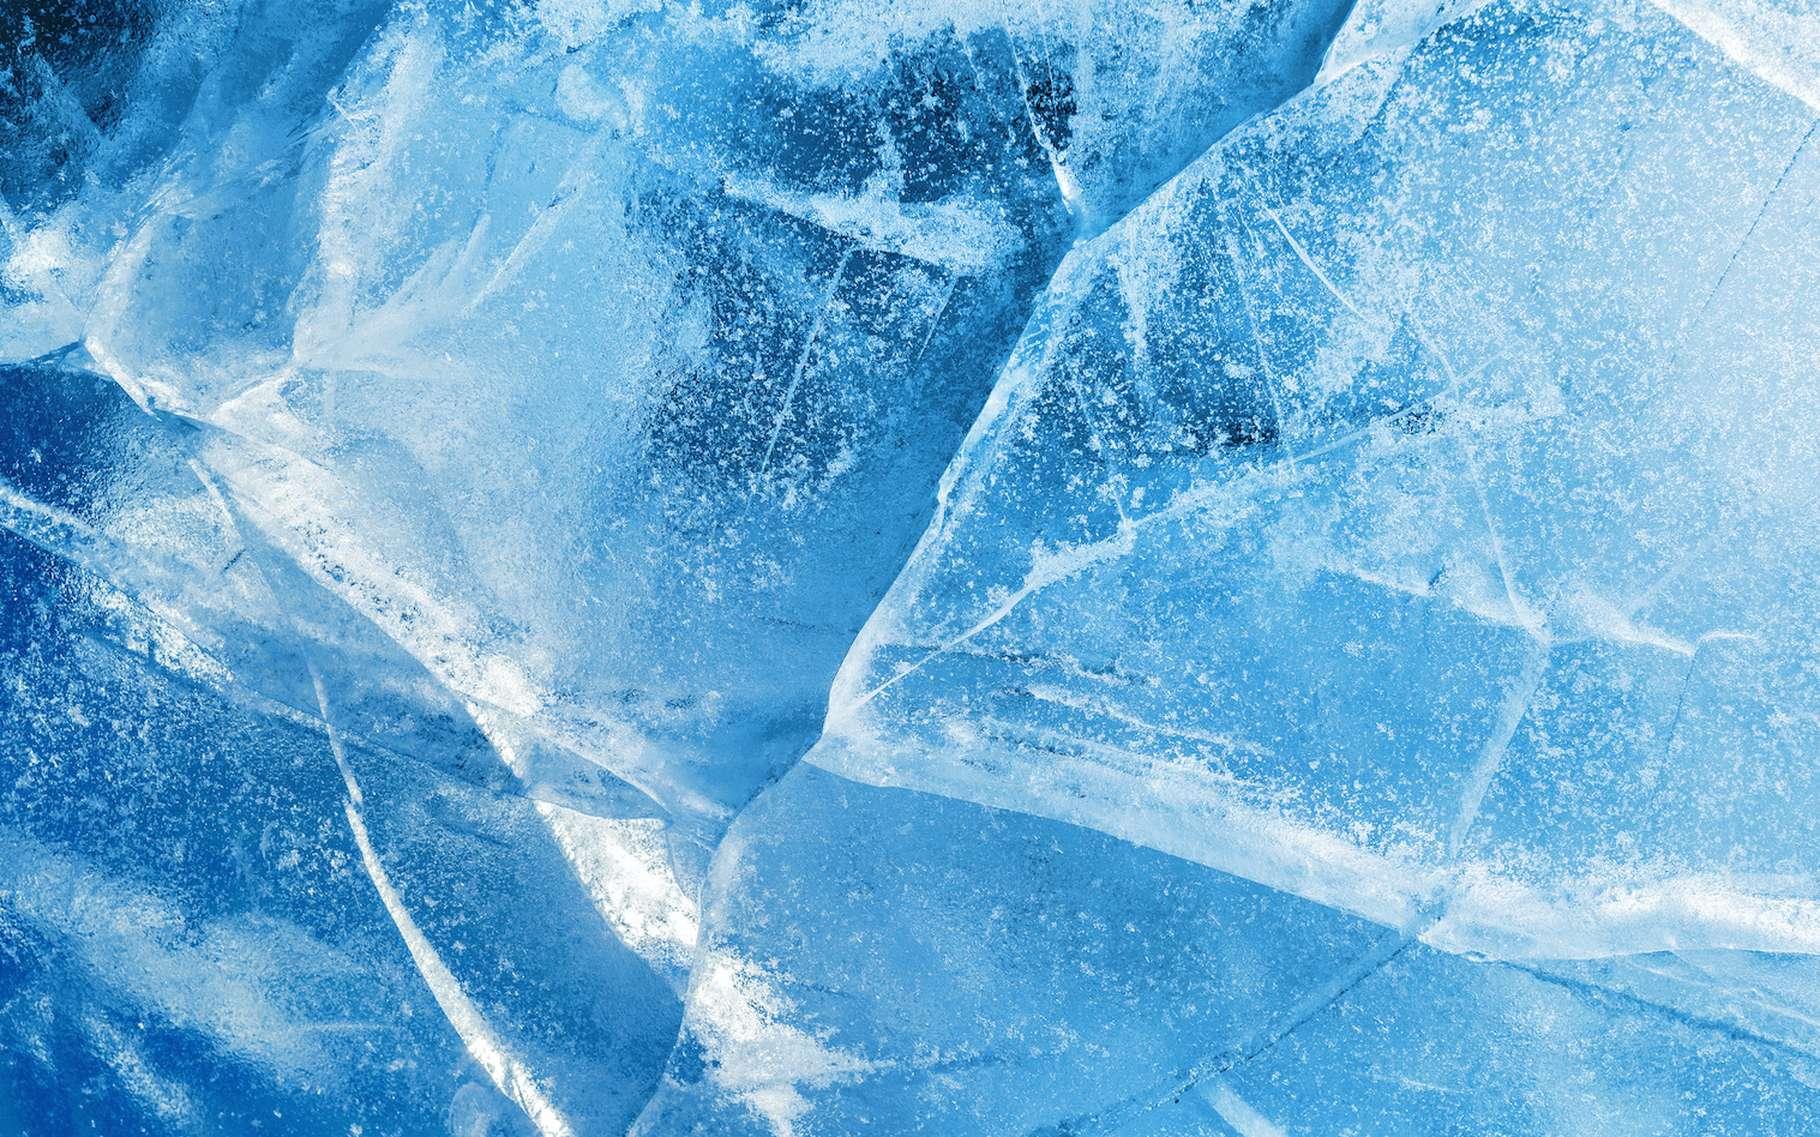 Qu'est-ce que la glace XIX qui vient d'être découverte ? - Futura